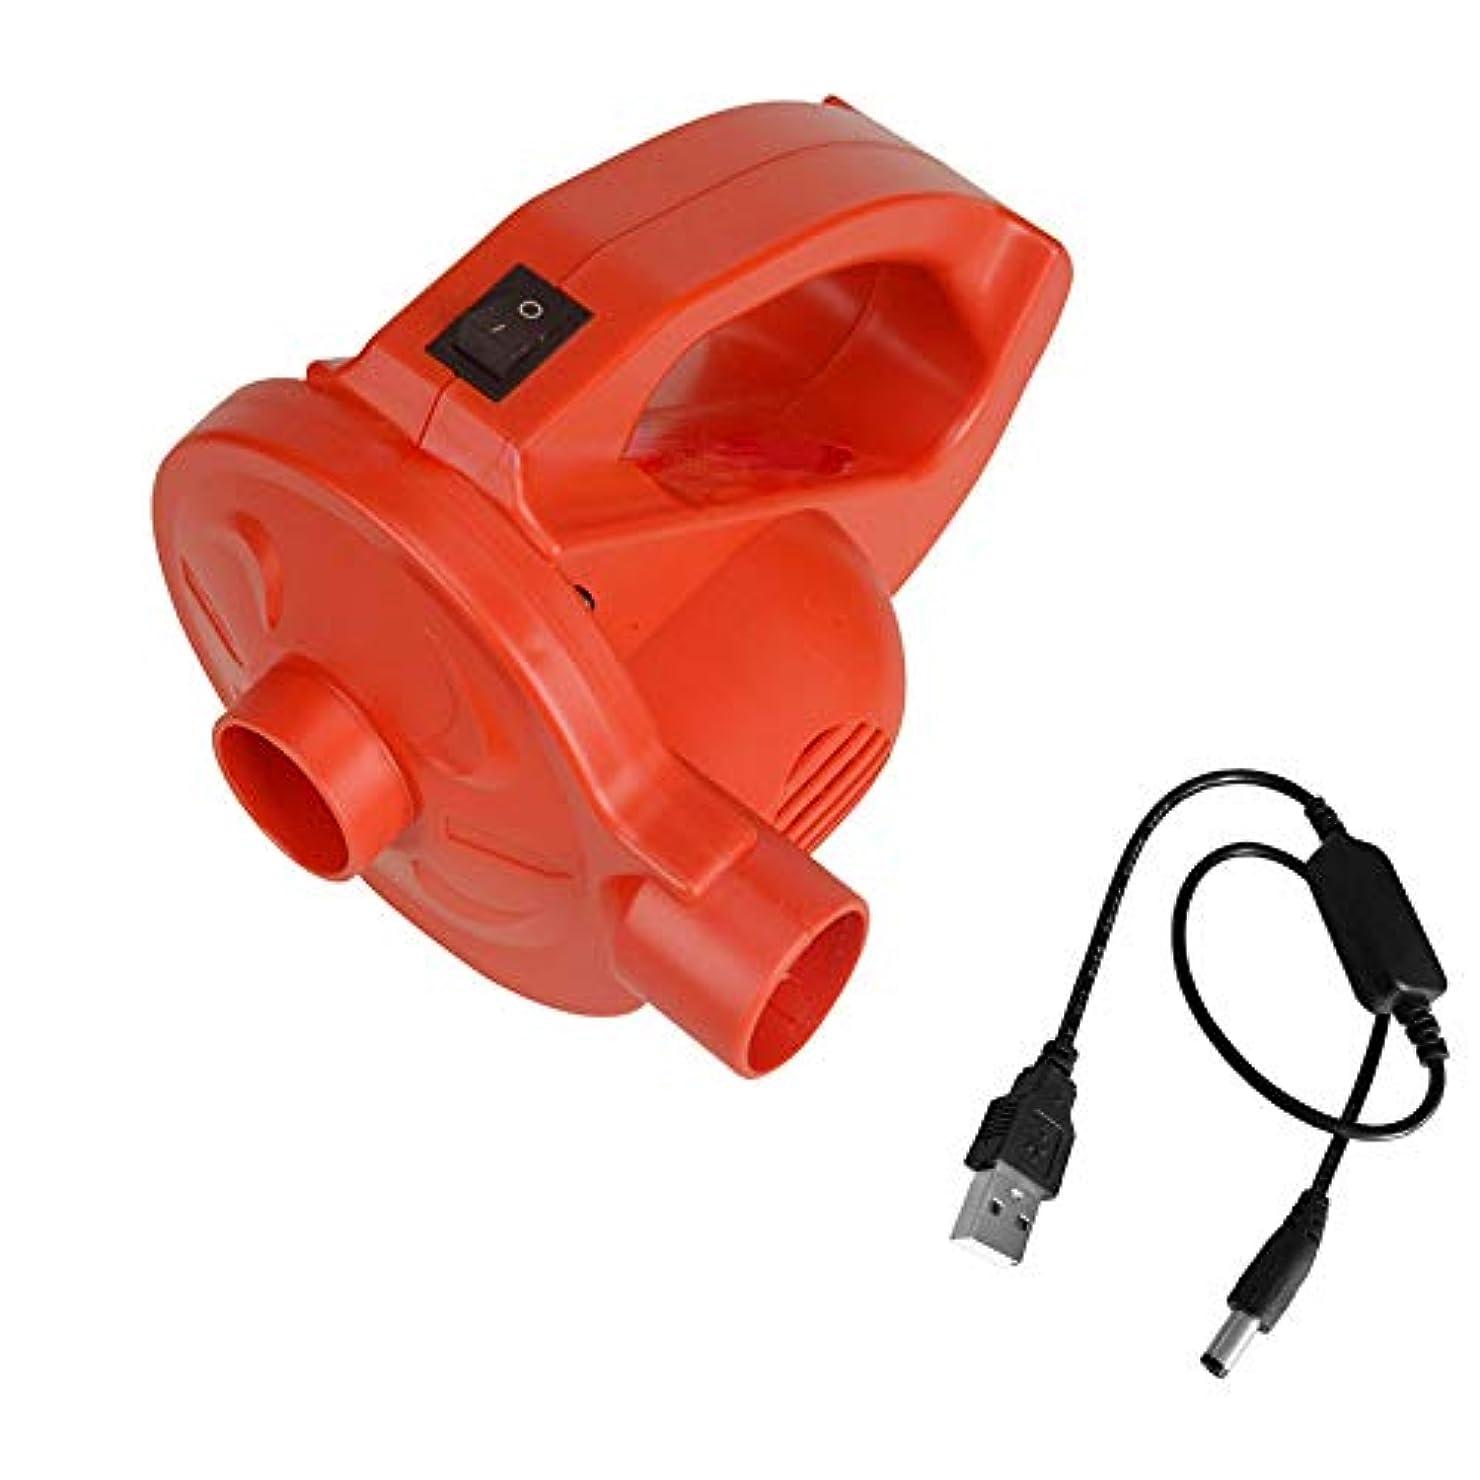 バンカー革命的喪OBEST 電動エアーポンプ ミニポータブル 空気ポンプ 空気入れ&空気抜き両対応 リチウム電池を内蔵 USB充電式エアーポンプ エアベッド用、水泳プール、浮き輪など